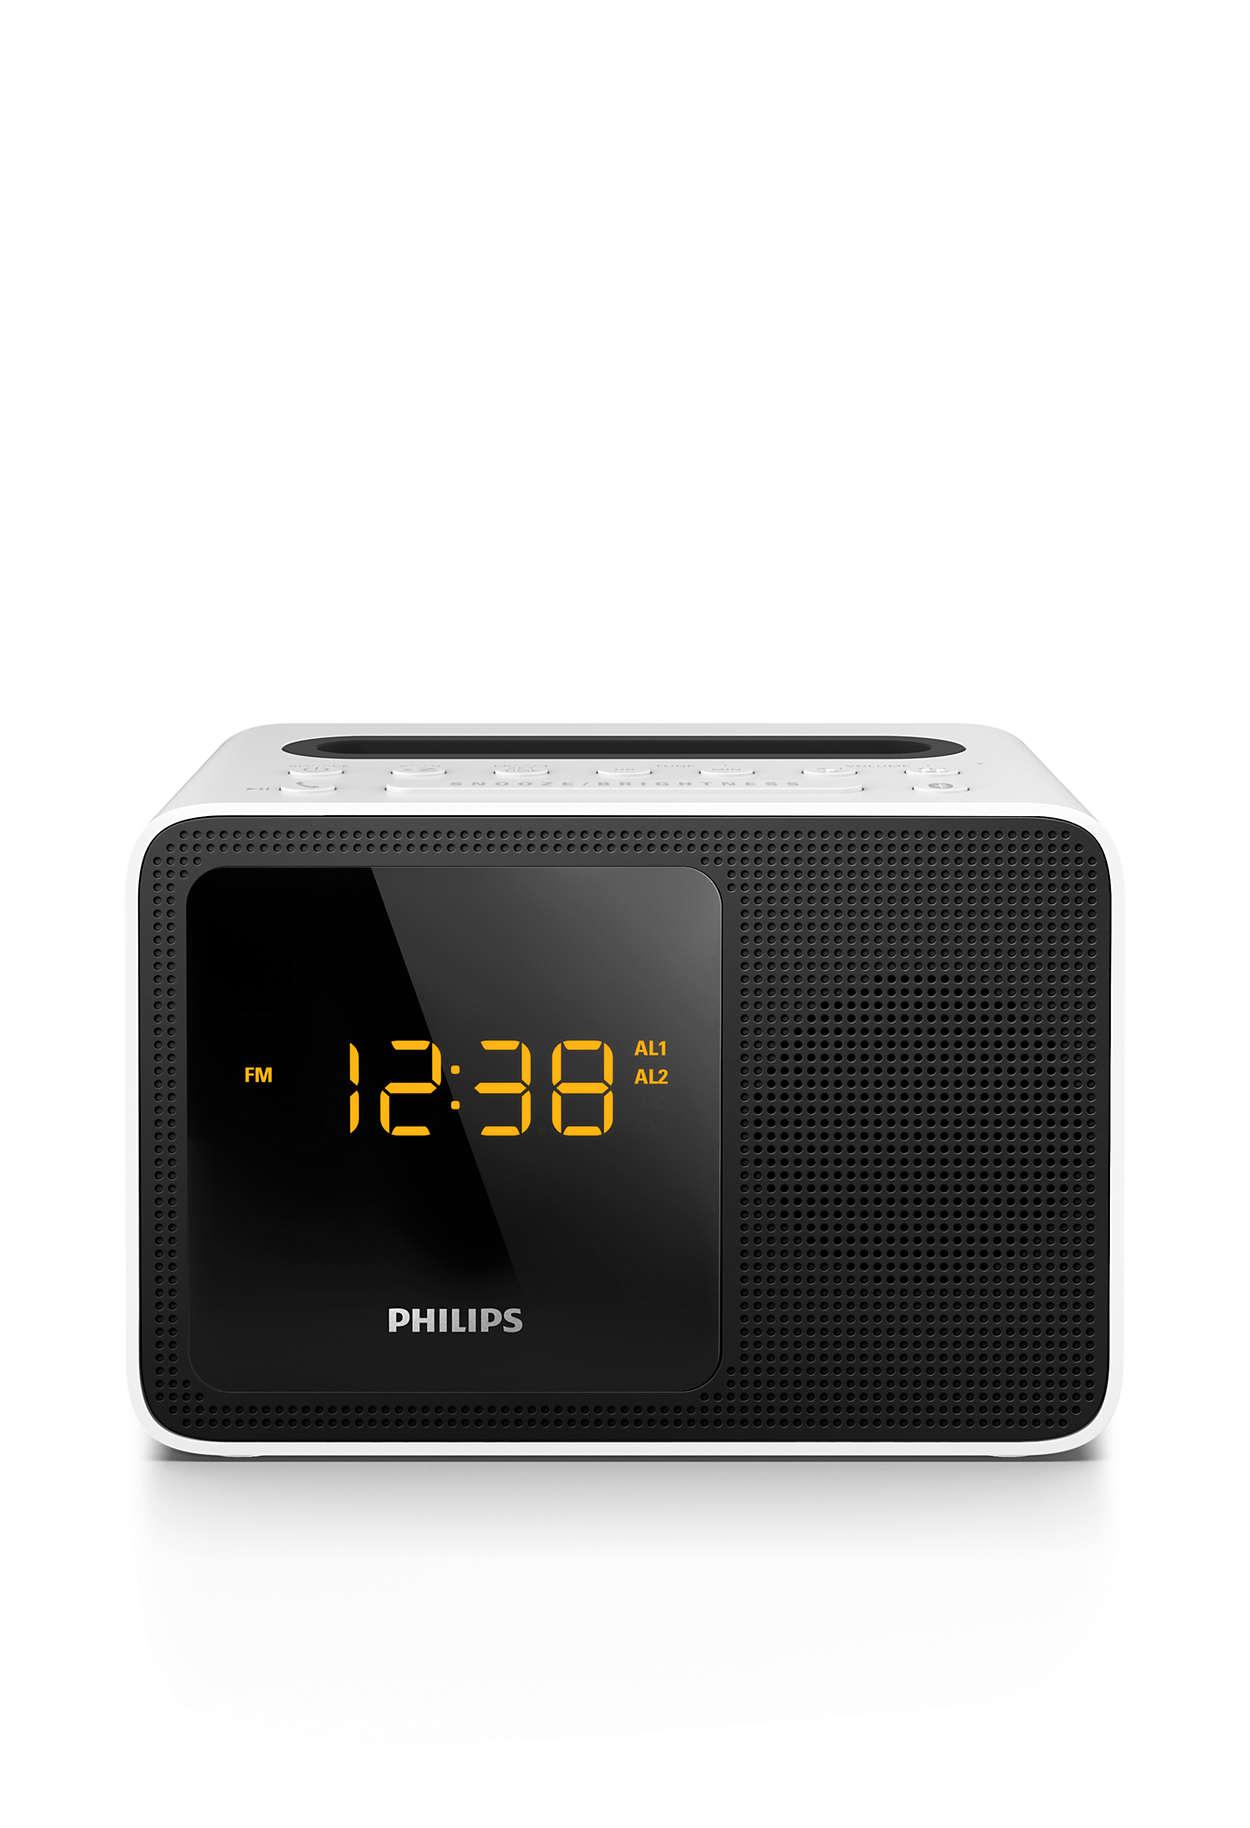 85396bb21 Clock Radio AJT5300W 12